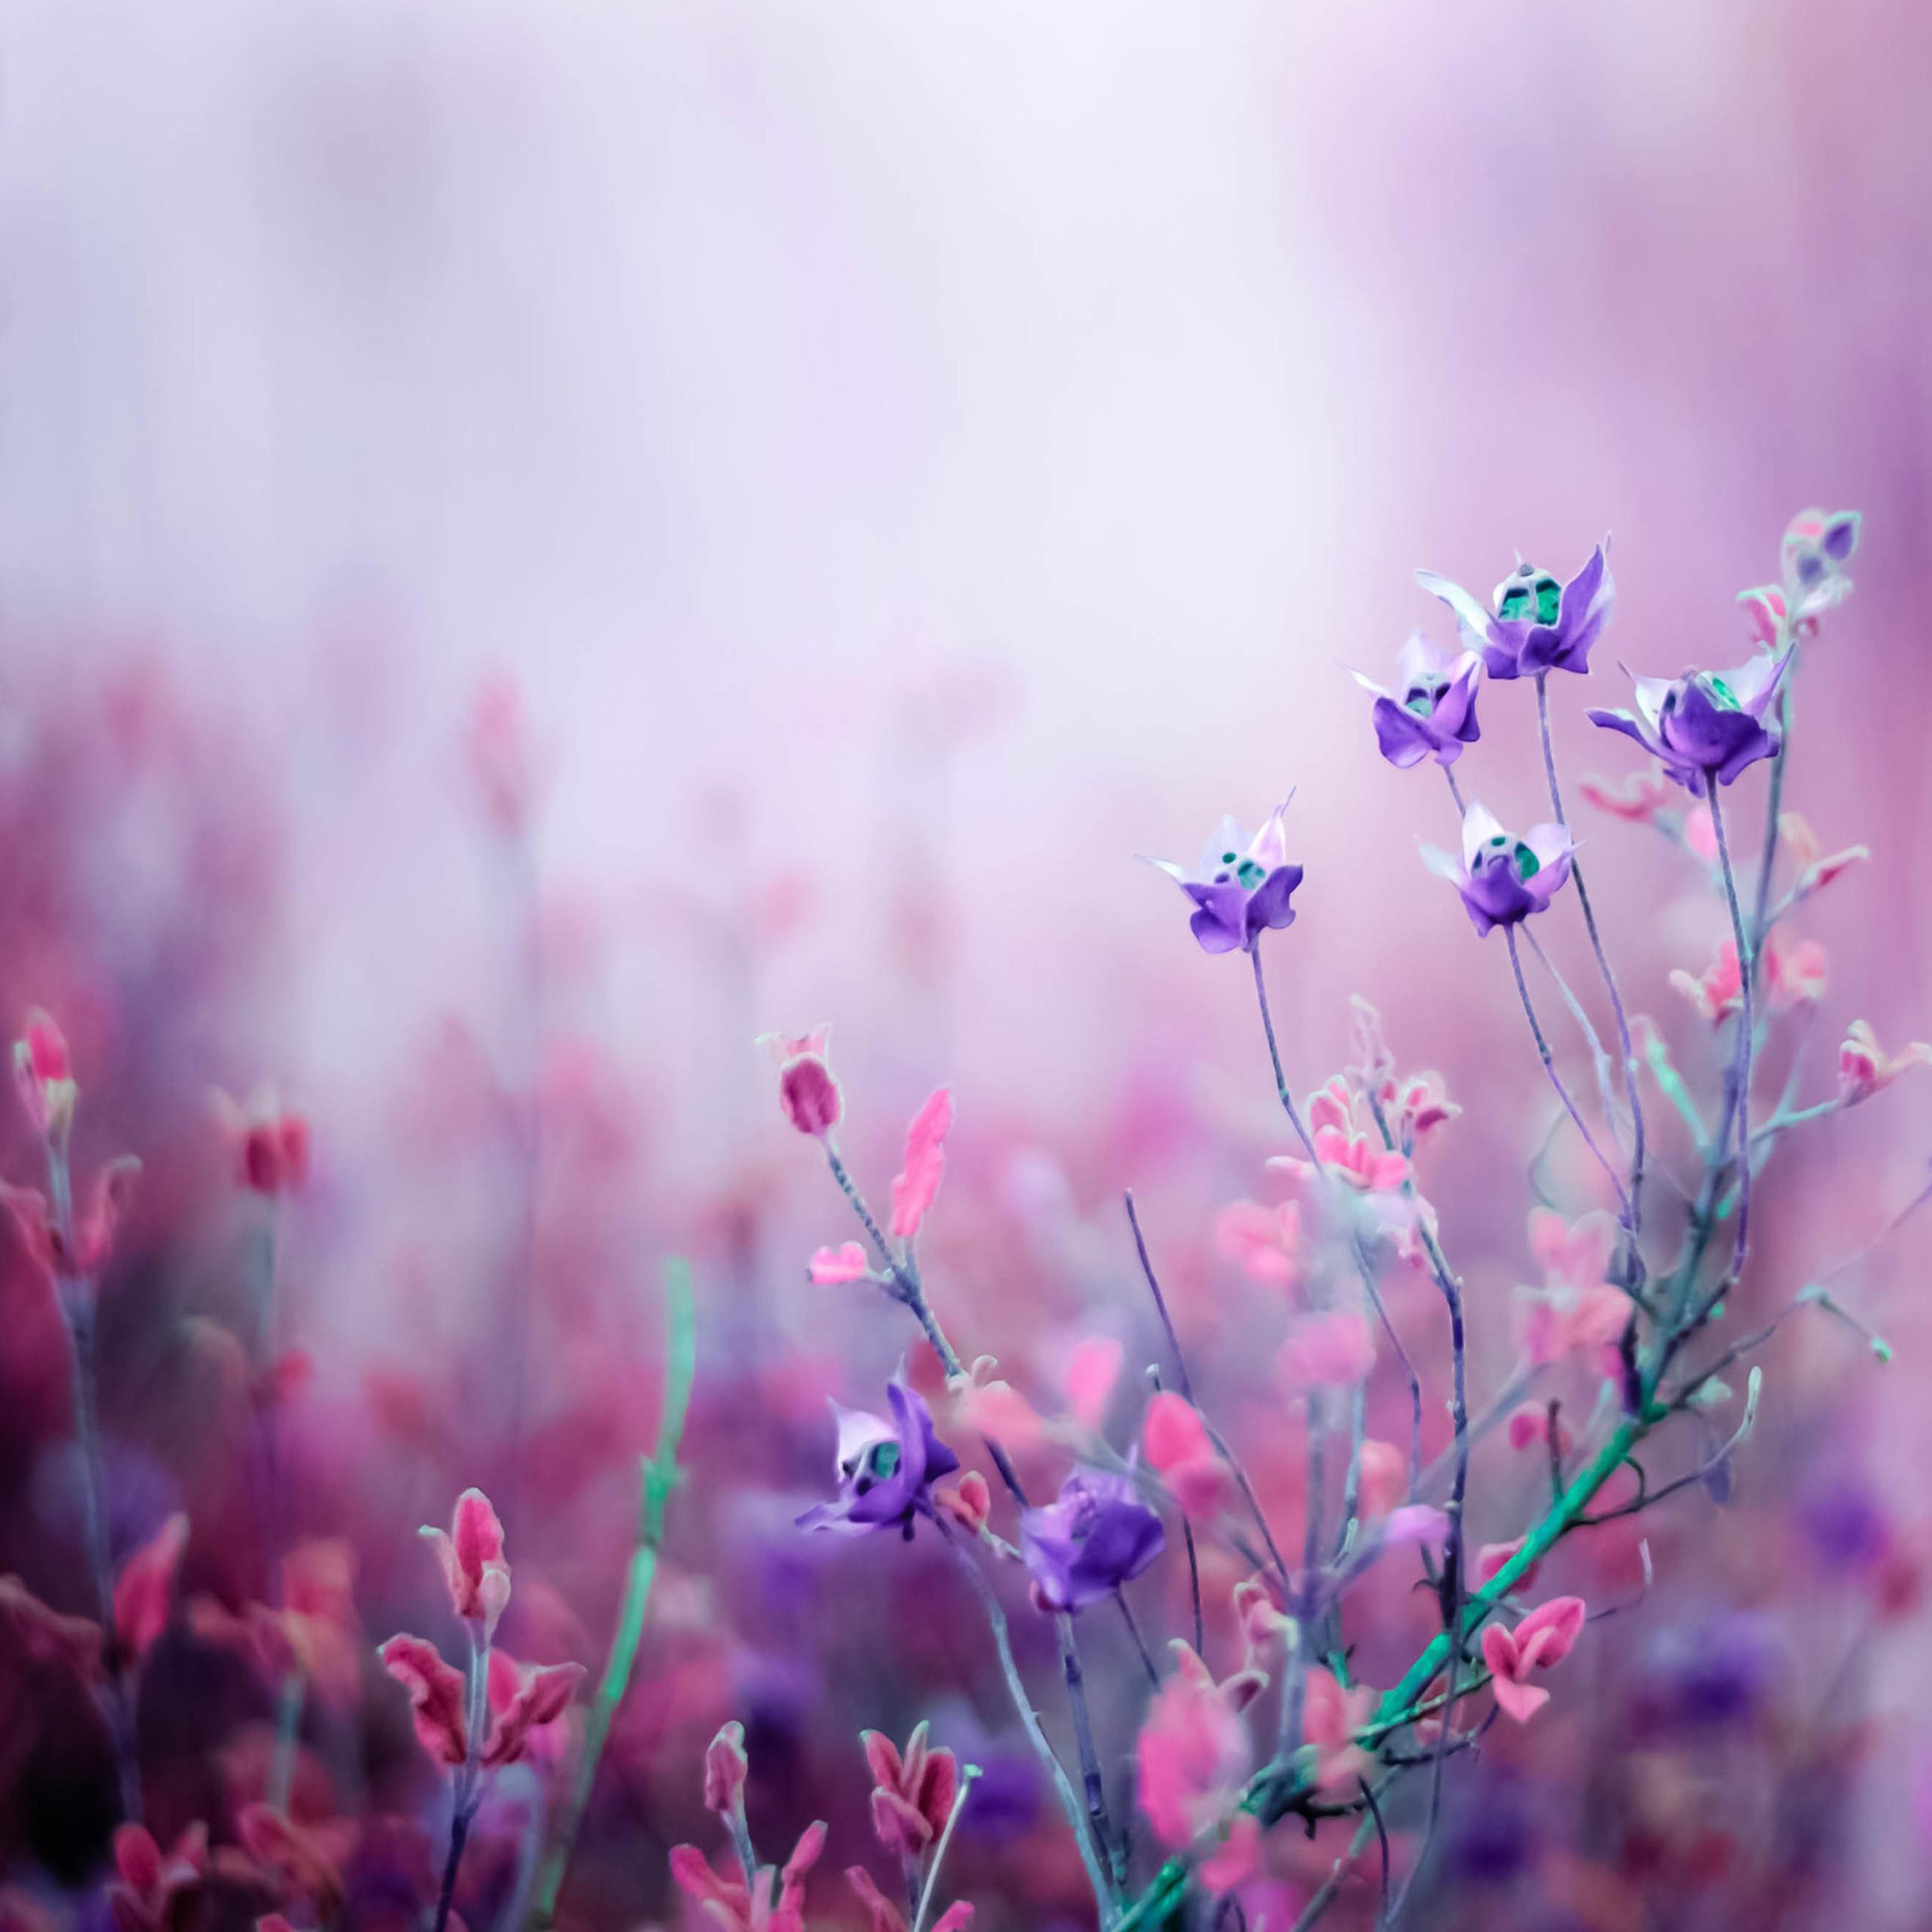 صور صور ورد خلفيات , اجمل اشكال وانواع الورود